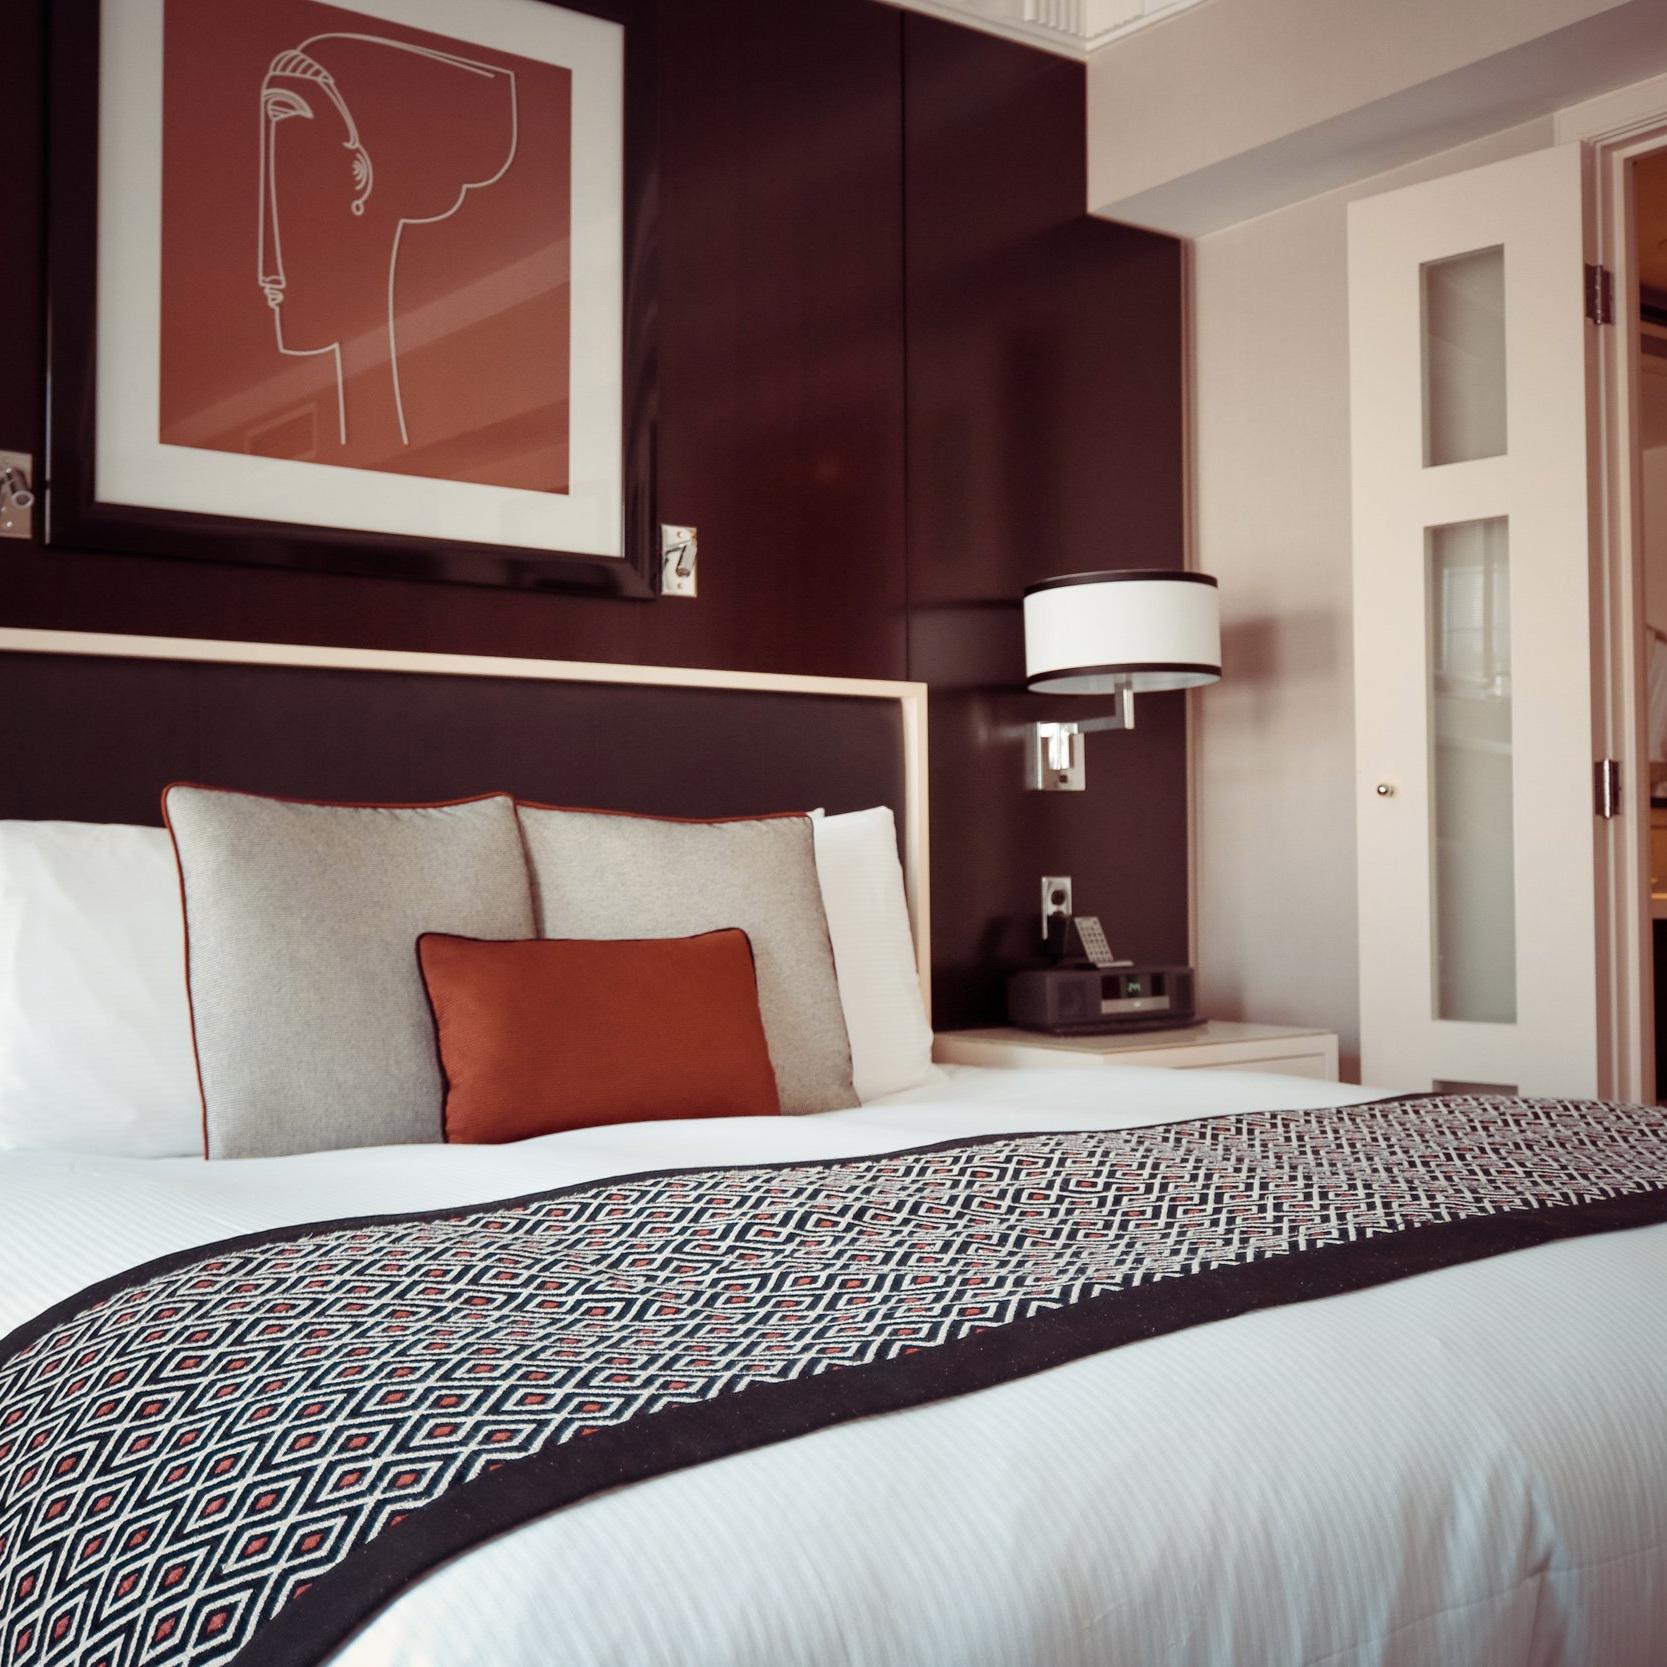 bed-bedroom-cozy-164595(1).jpg